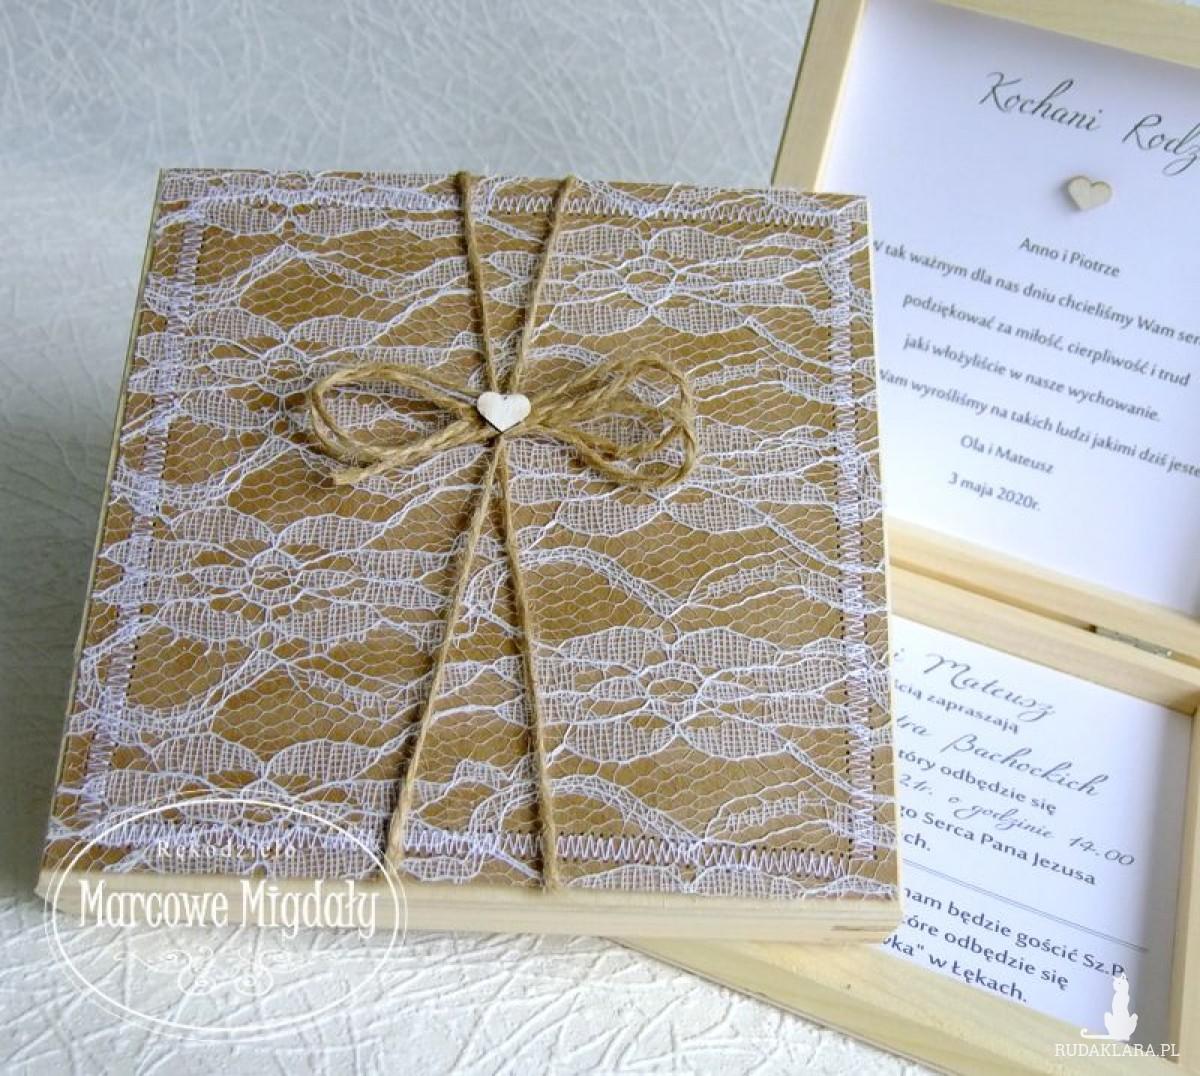 Prośba do rodziców o błogosławieństwo, drewniane zaproszenie ślubne.